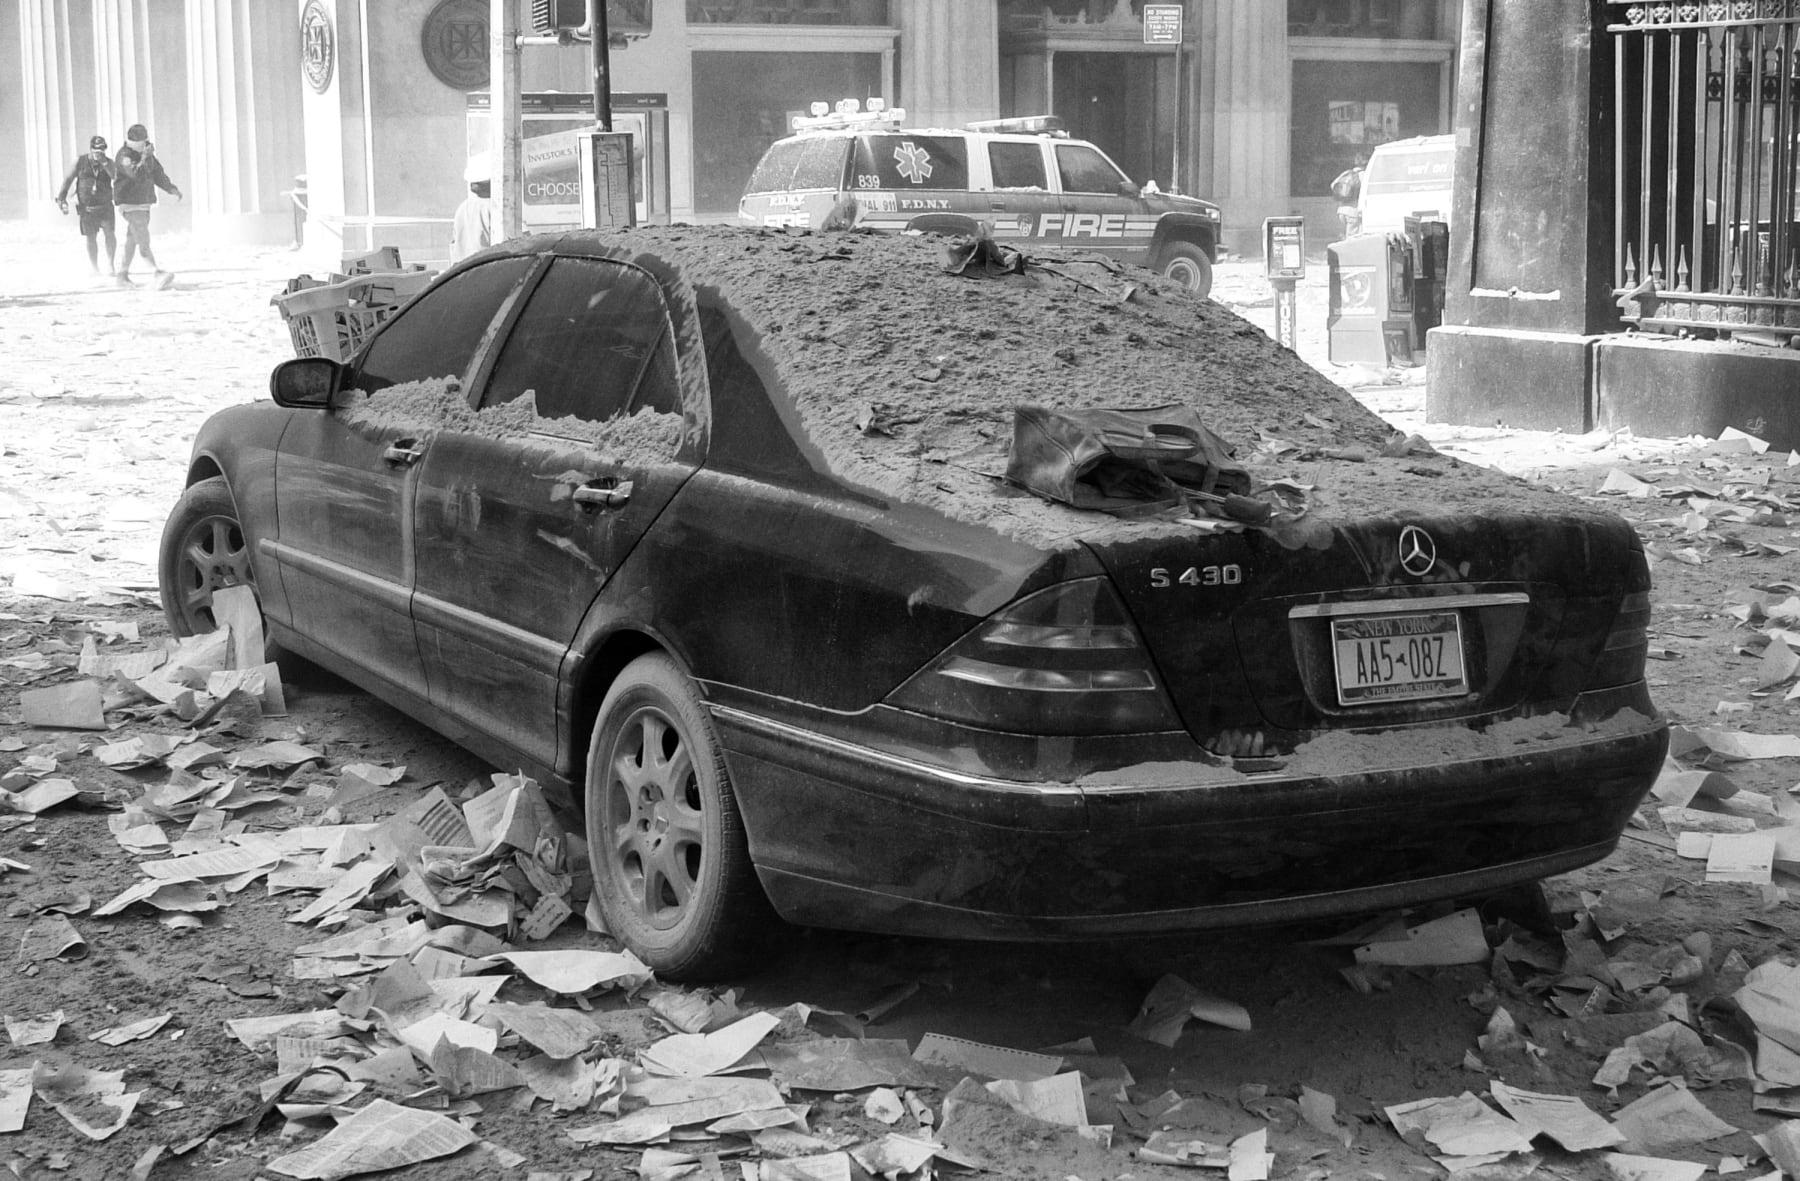 September 11th 2001